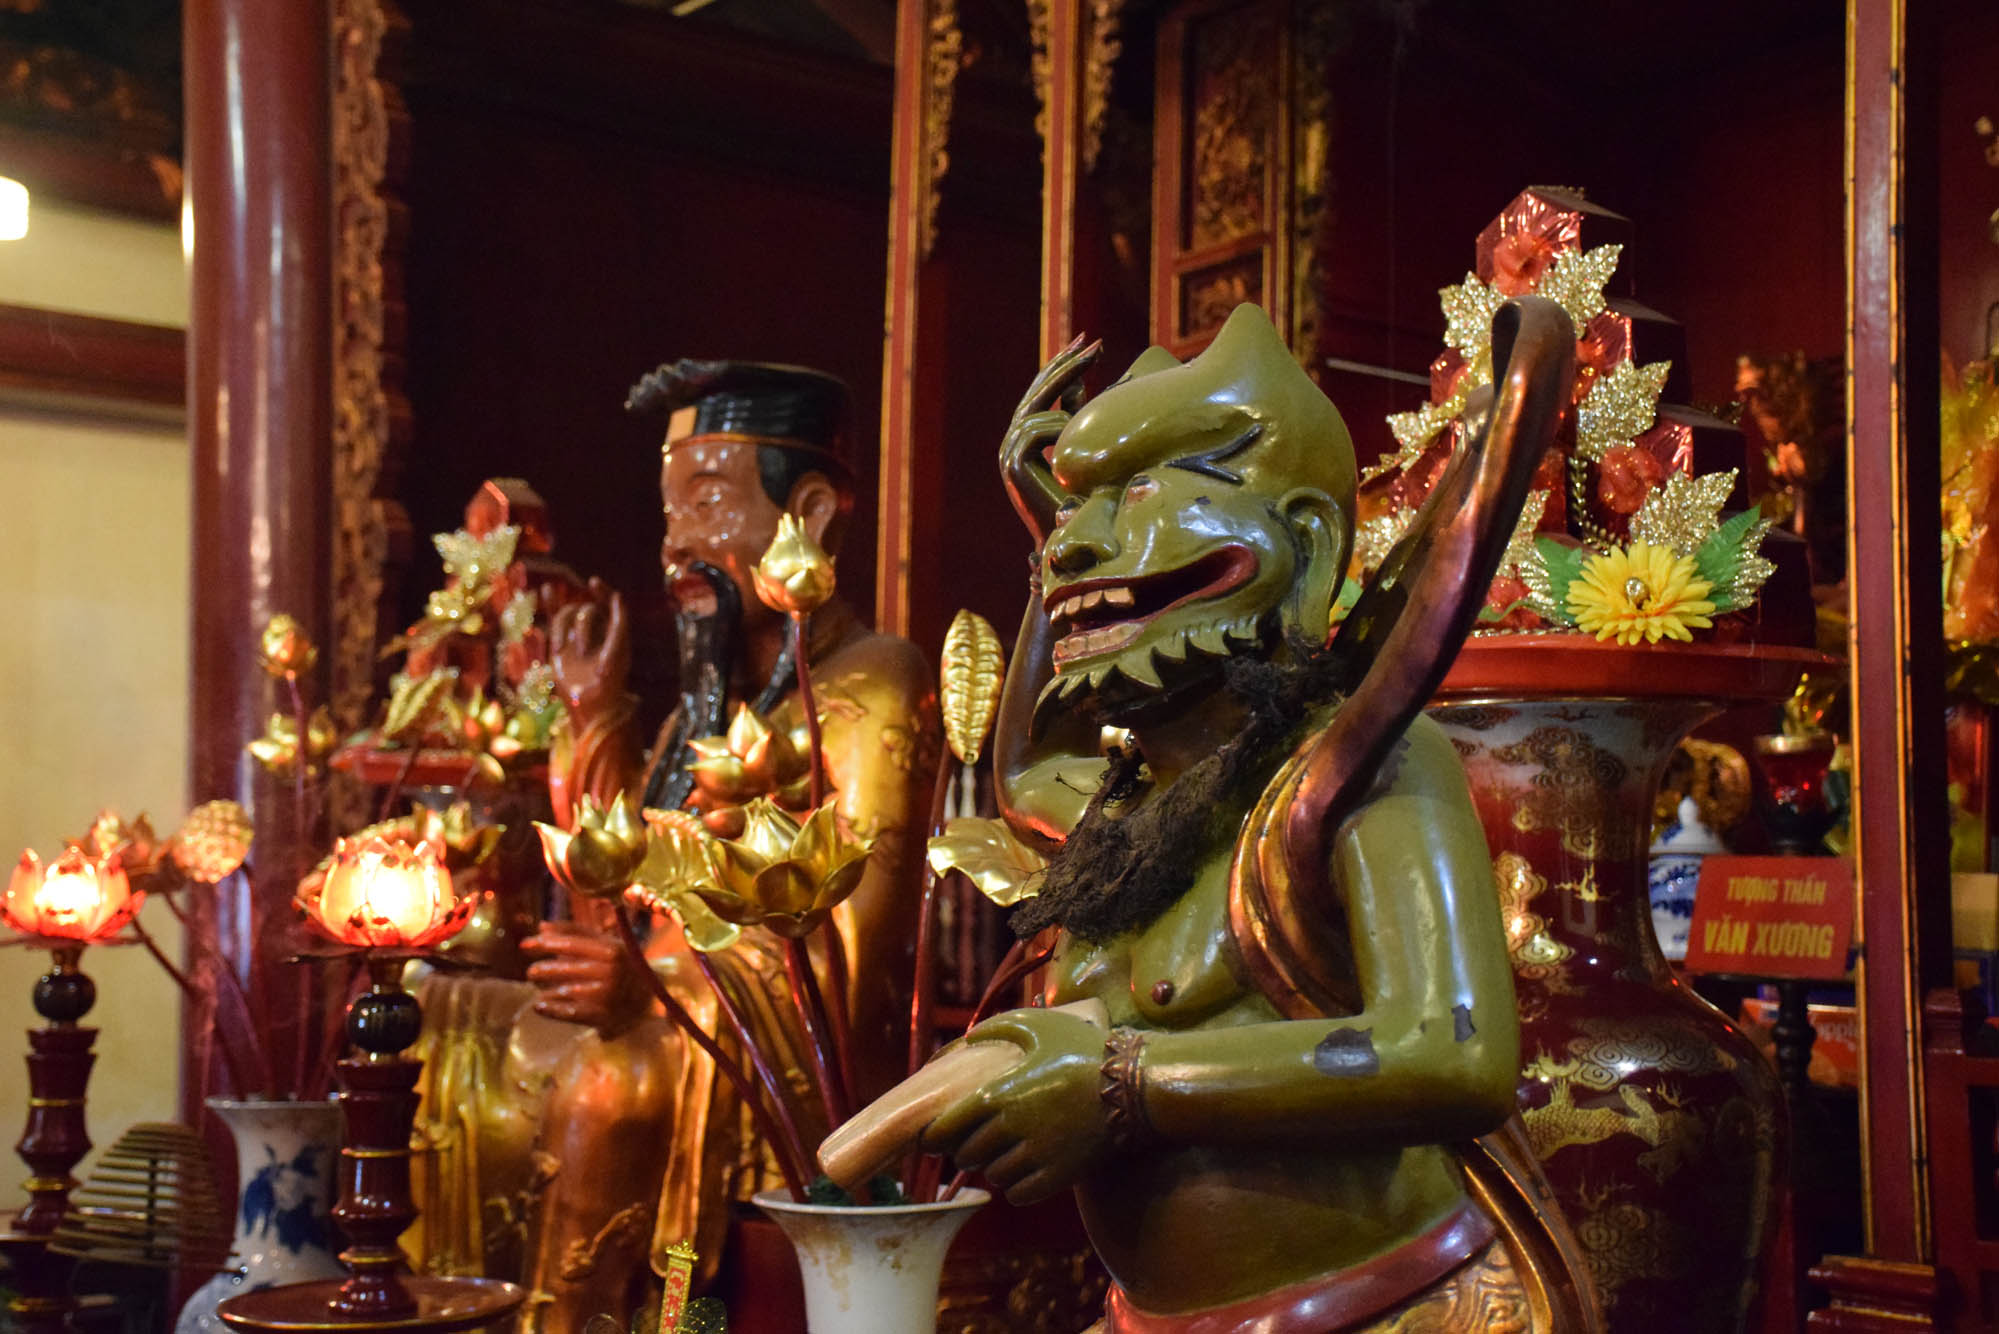 Dentro do Ngoc Son Temple, que fica em uma ilha no Lago Hoan Kiem